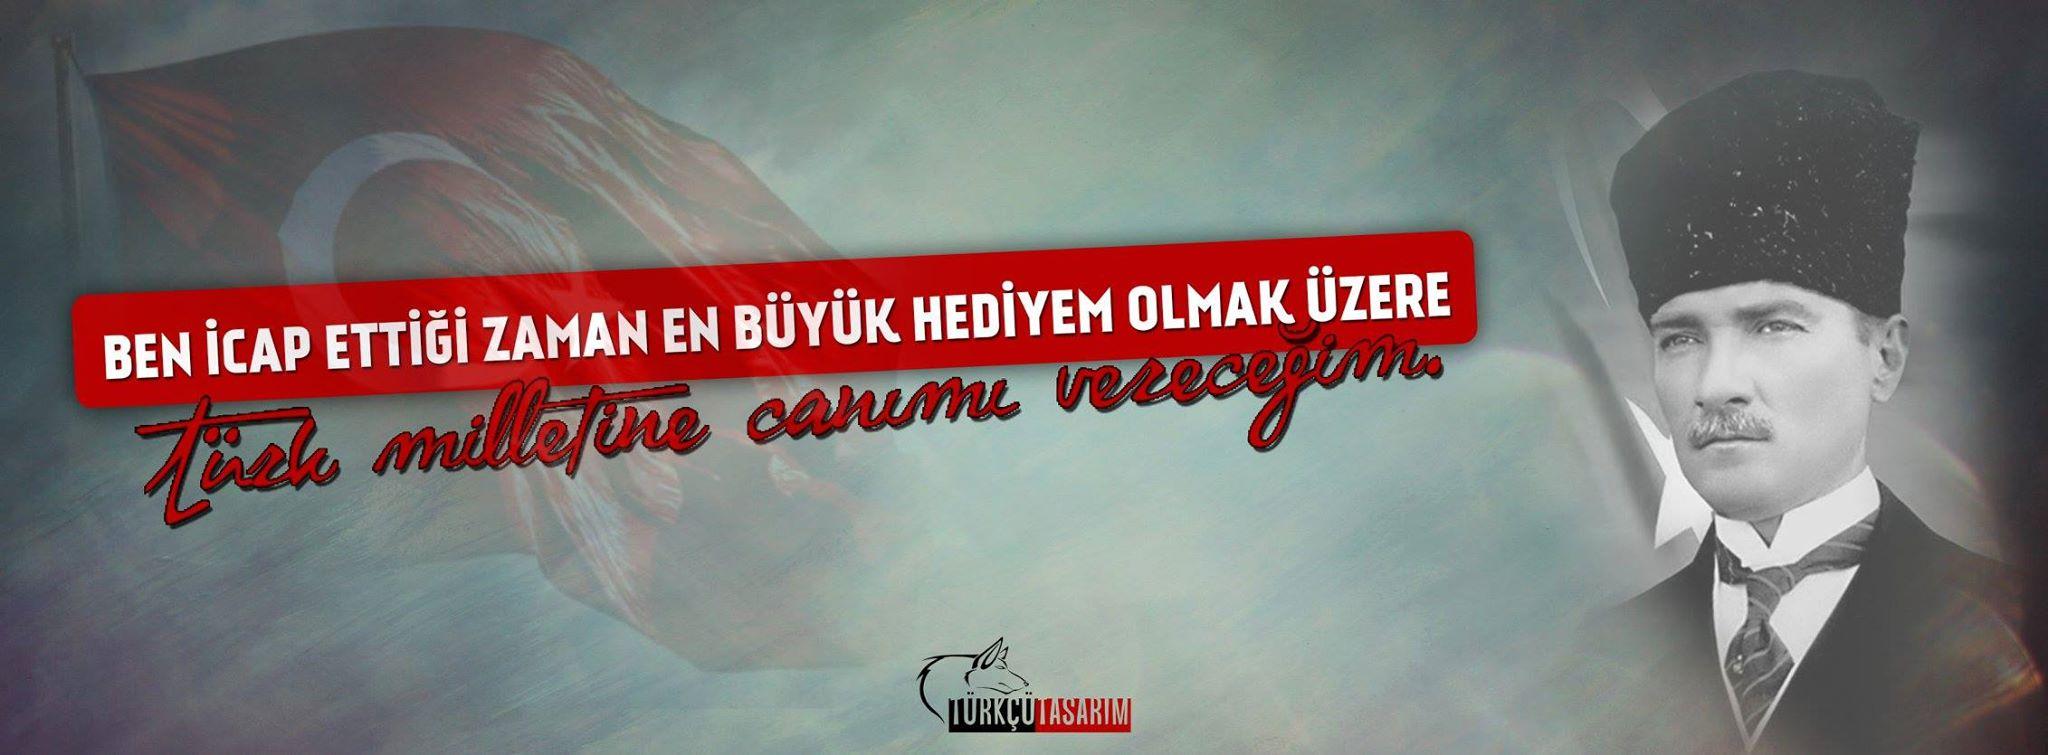 türk milletine canımı vereceğim -kapak